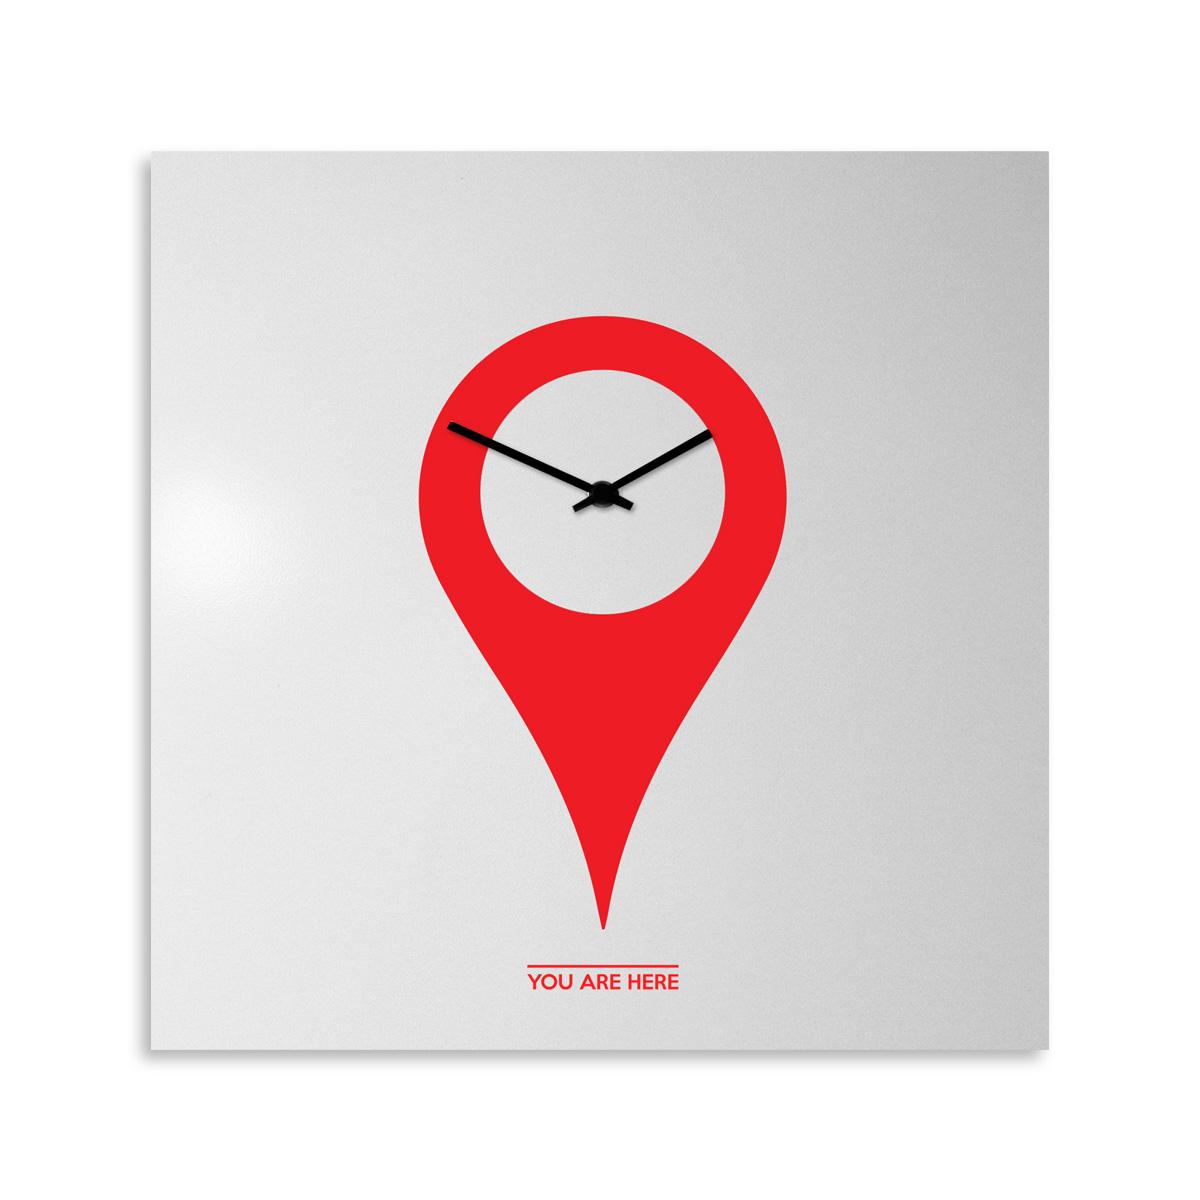 orologio-parete-design-wall-clock-you-are-here-white-red